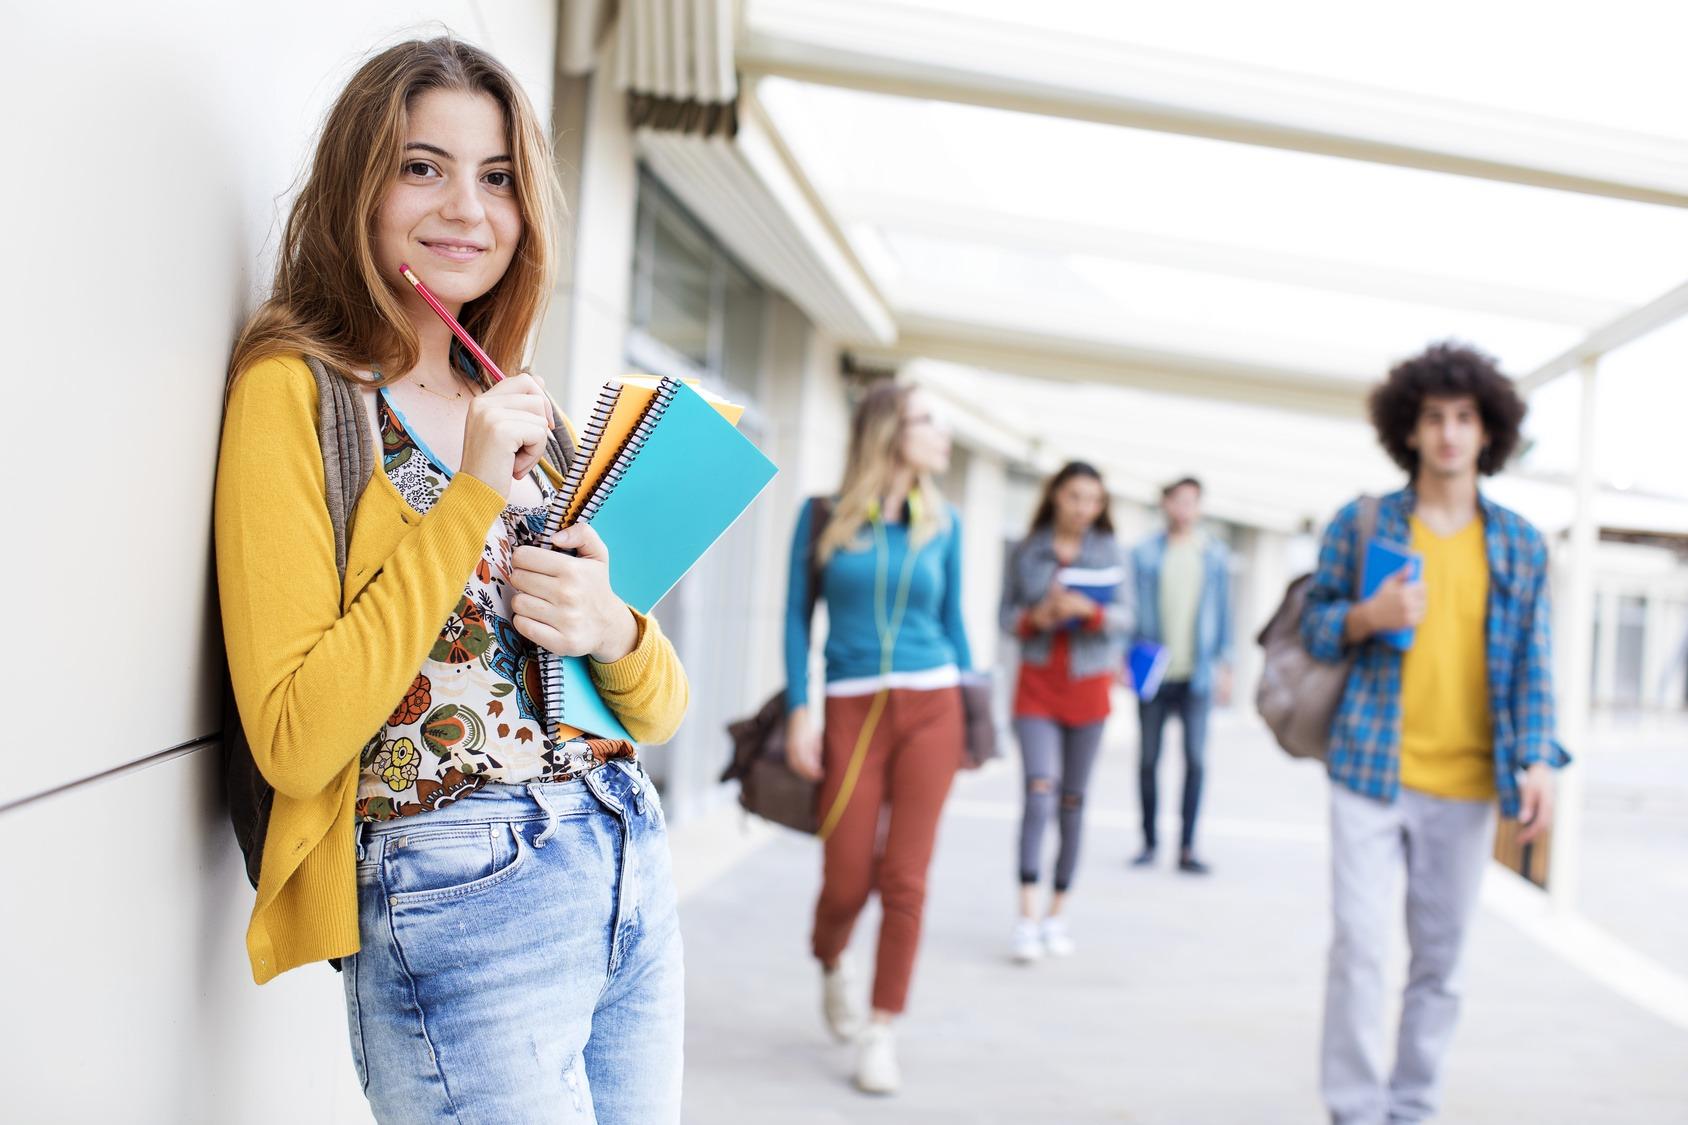 Eine Gruppe von fünf jungen Studenten in einem urbanen Setting. Vier der Studenten sind unscharf im Hintergrund und bewegen sich auf den Betrachter zu, eine Studentin im Vordergrund lehnt an einer Mauer und hat einen Stapel Dokumente unter dem Arm. SIe schaut freundlich zum Betrachter.